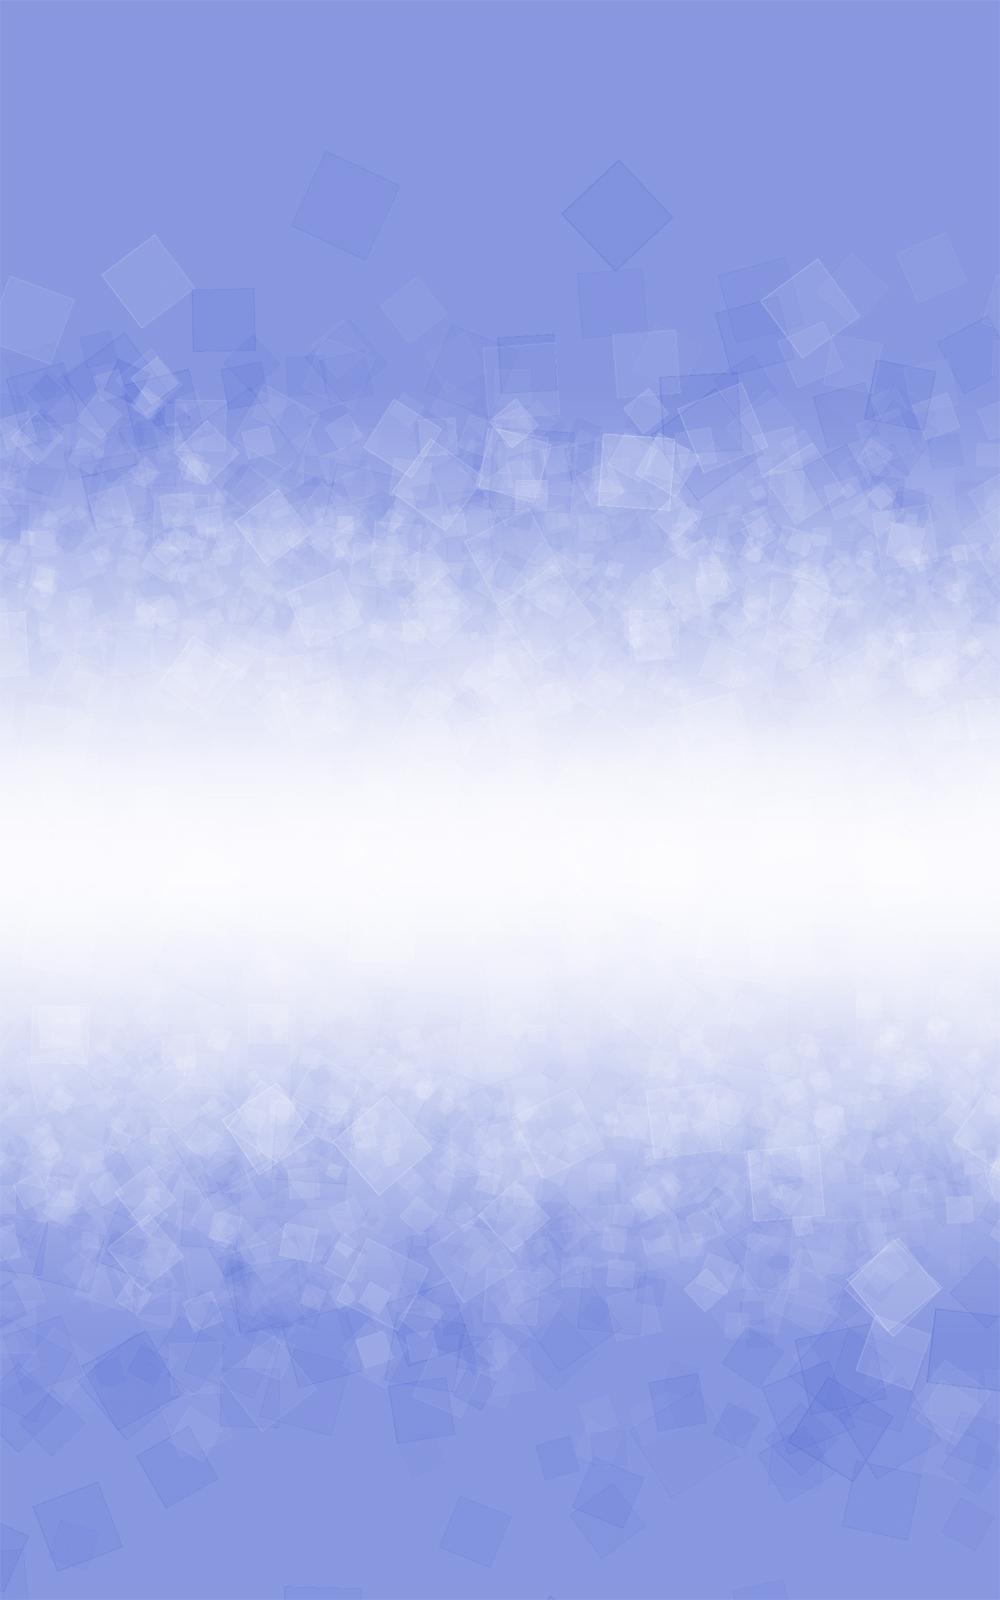 キラキラした抽象的な表紙画像(3b)